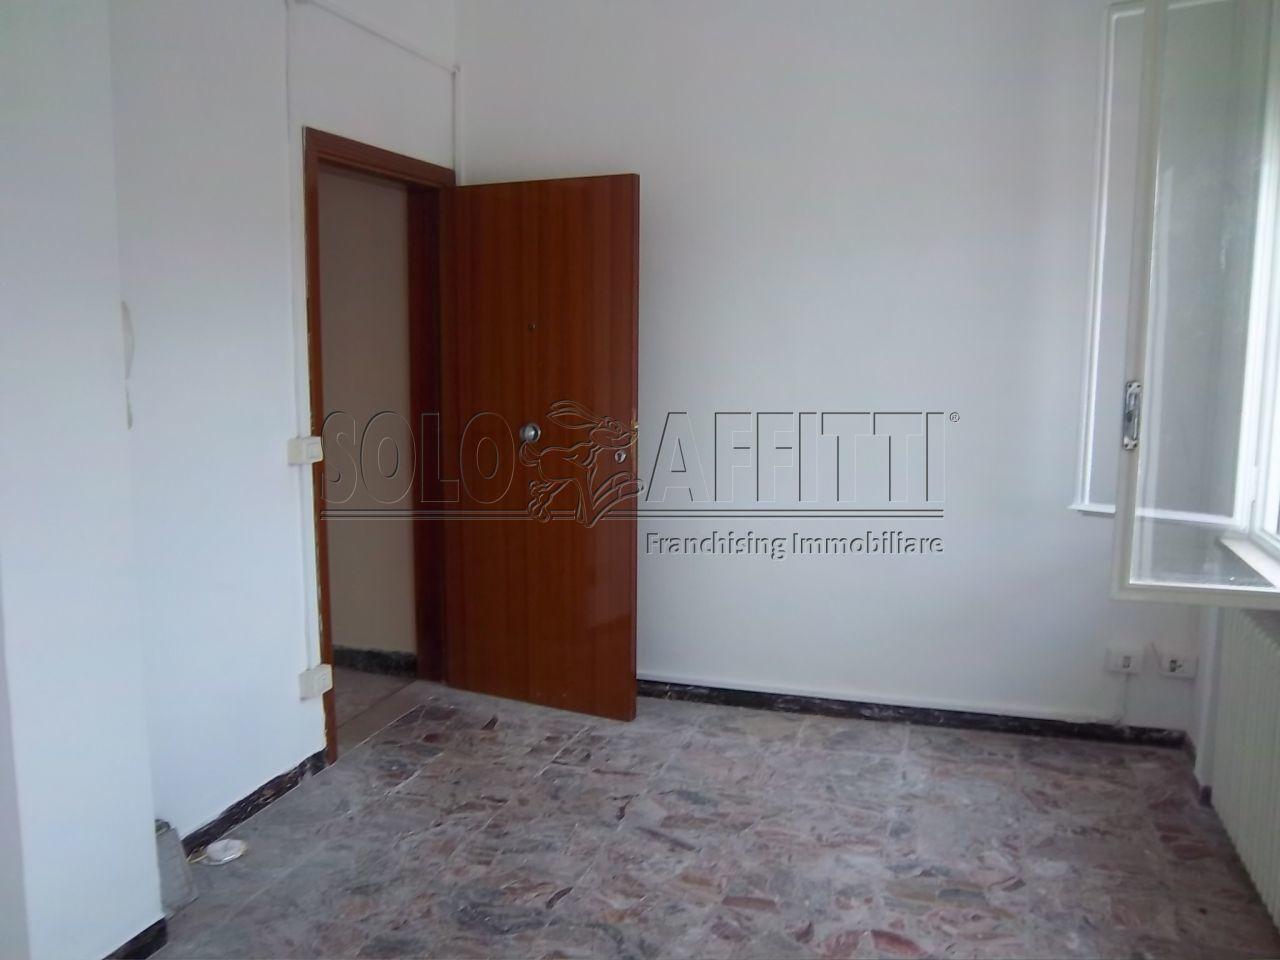 Ufficio Lavoro Jesi : Info agenzia house4u.it